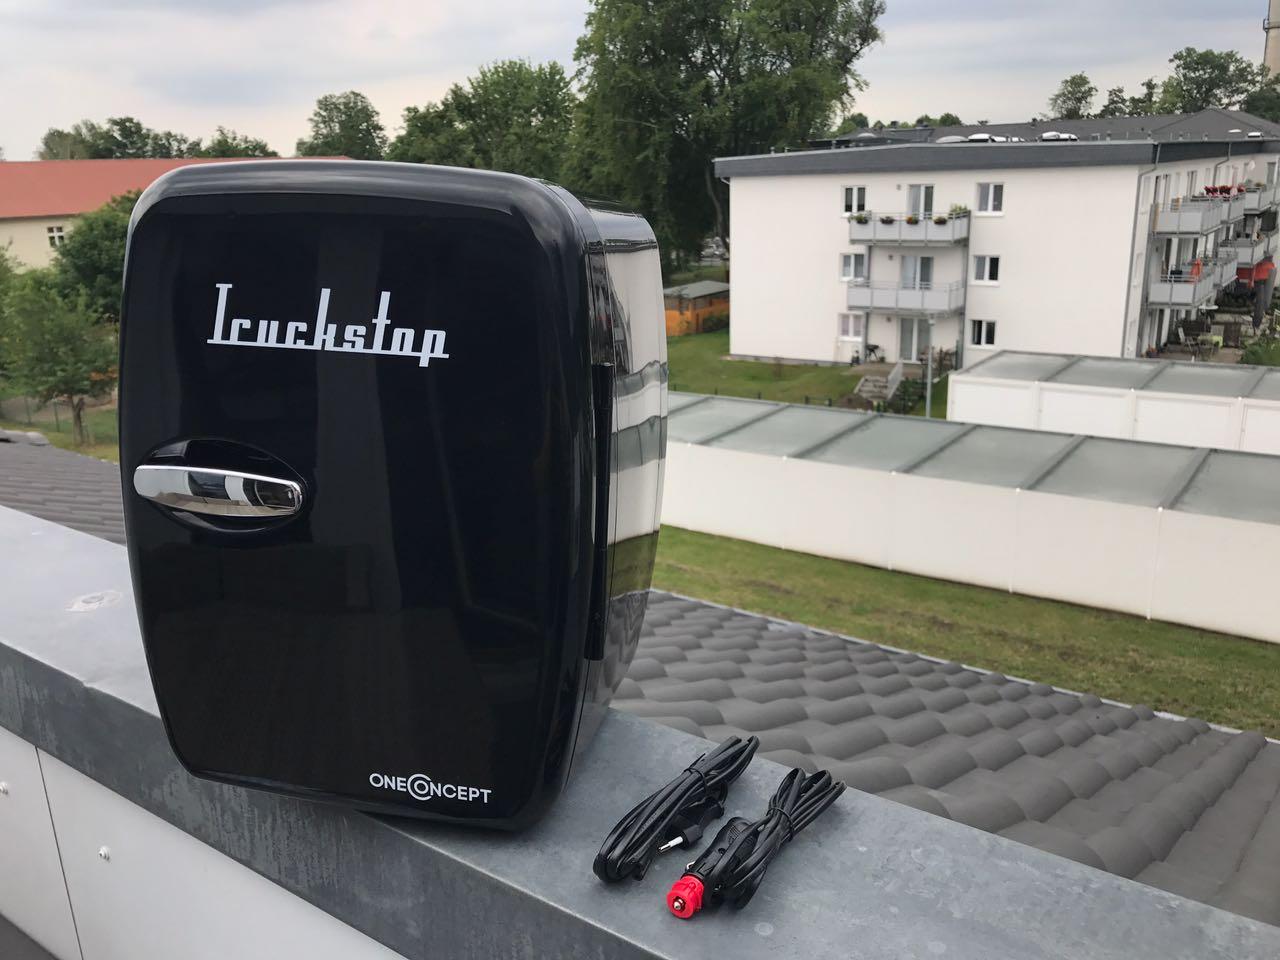 Kühlschrank Auto Design : Kühlschrank auto design caravan kühlschrank kühlen während der